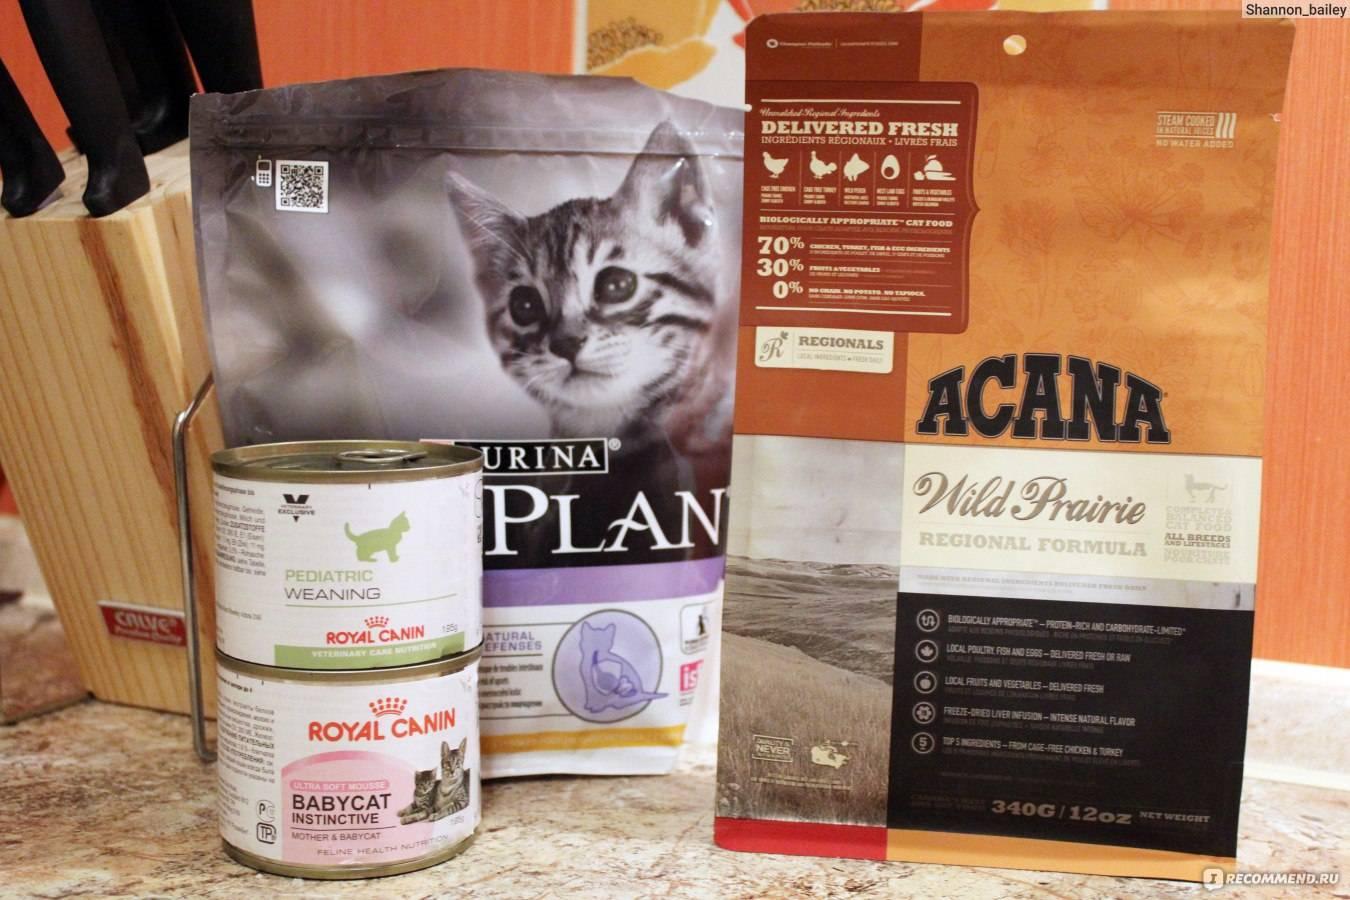 Корм акана для кошек: состав, стоимость, отзывы ветеринаров и владельцев кошек